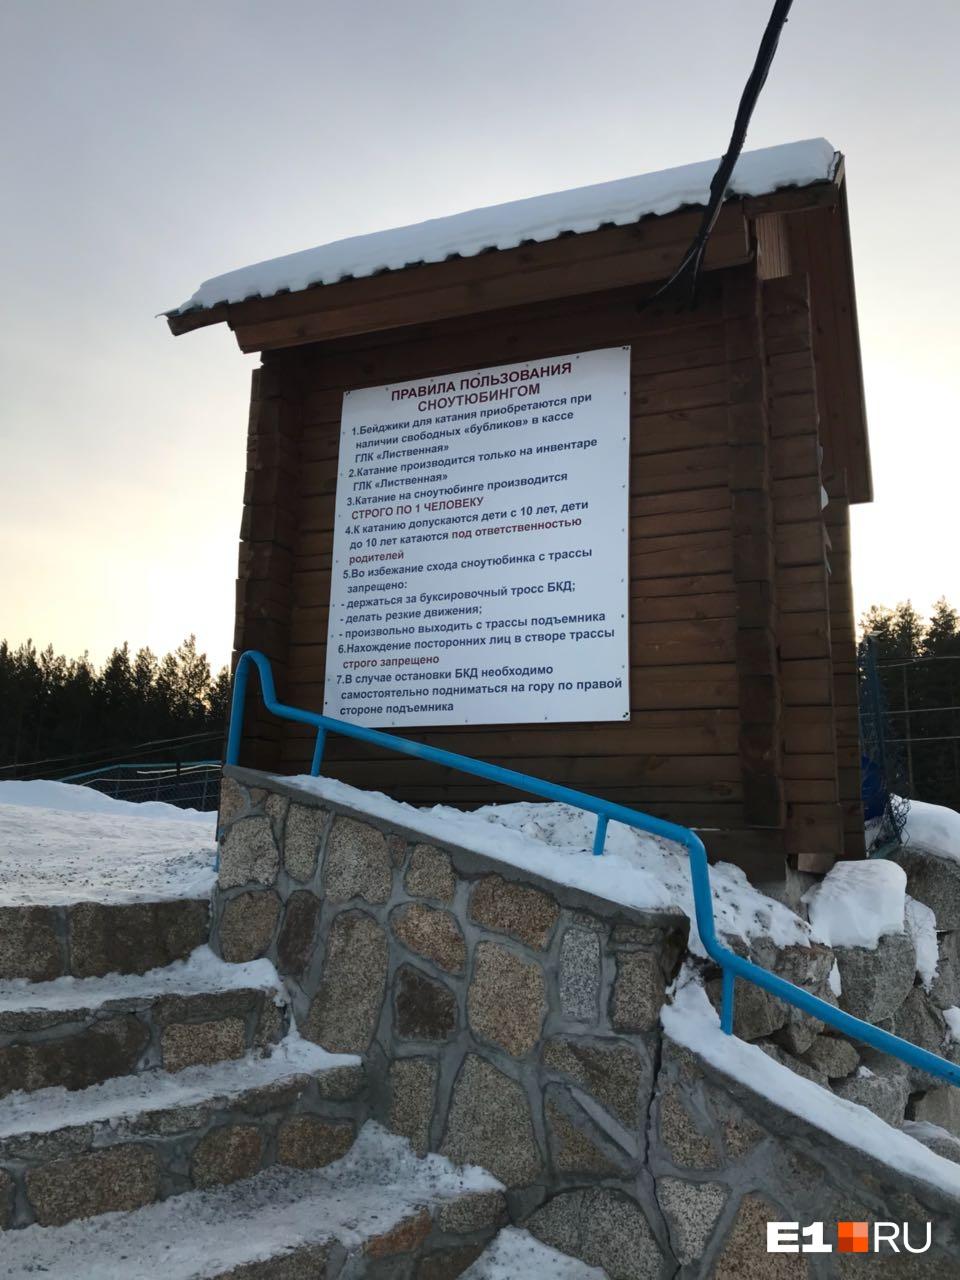 Екатеринбурженка сломала позвоночник, скатившись с горы Лиственной на бублике